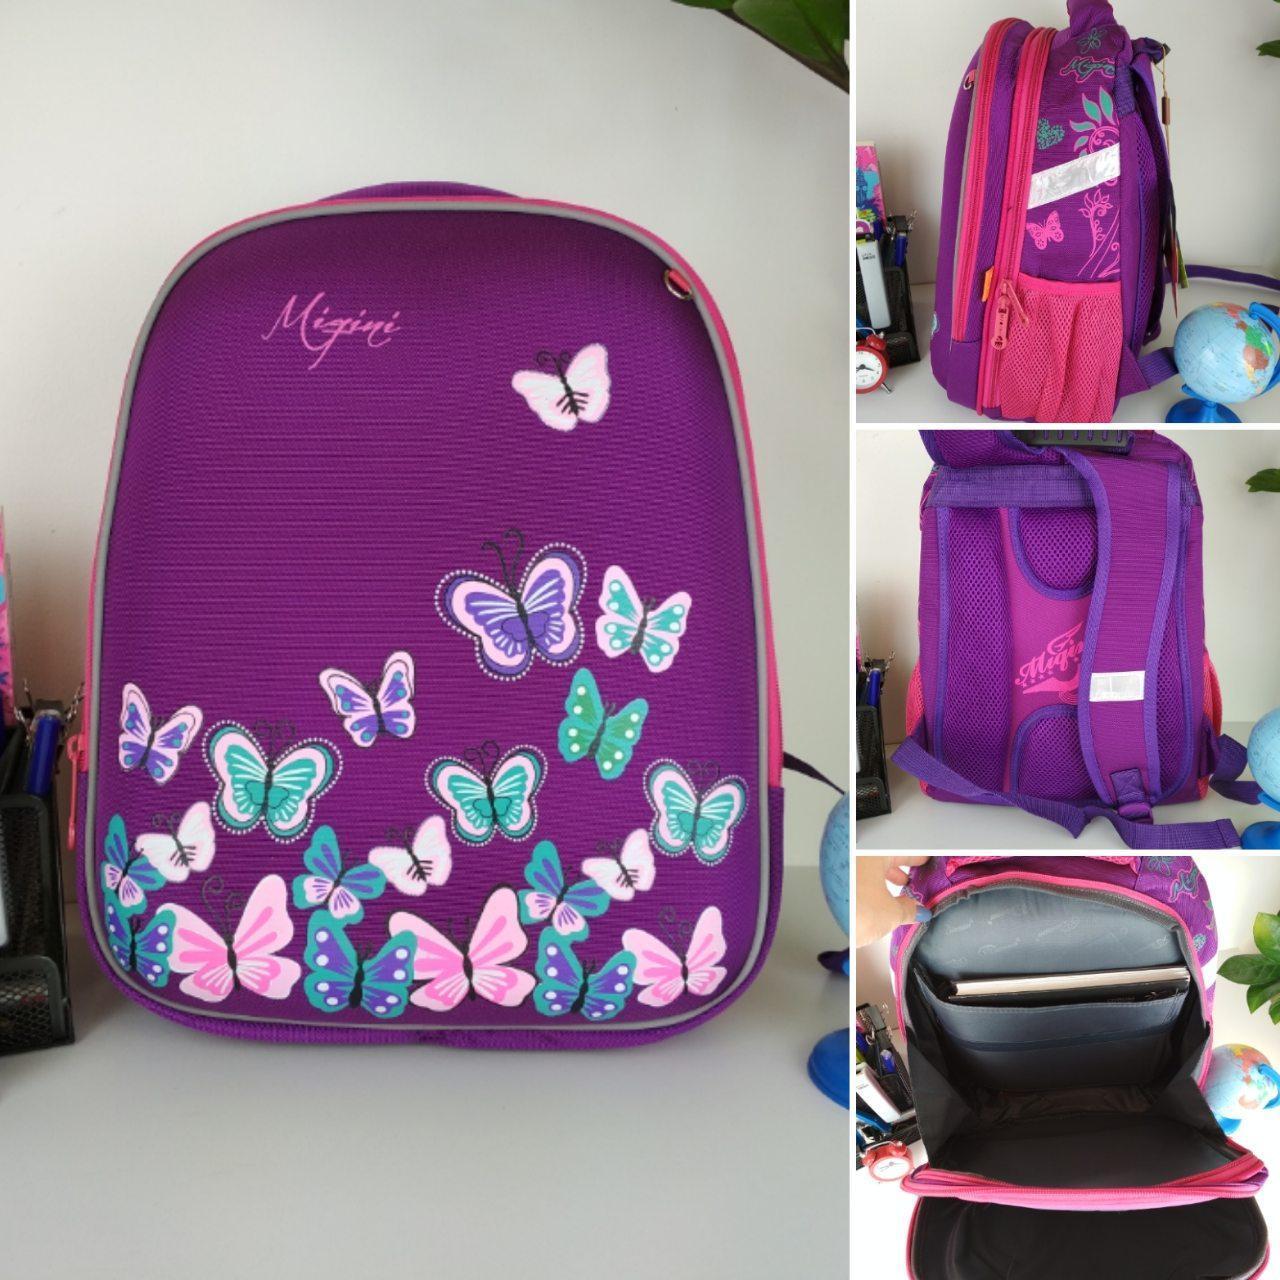 Школьный рюкзак Miqini фиолетового цвета с бабочками для девочки 40*28*19 см